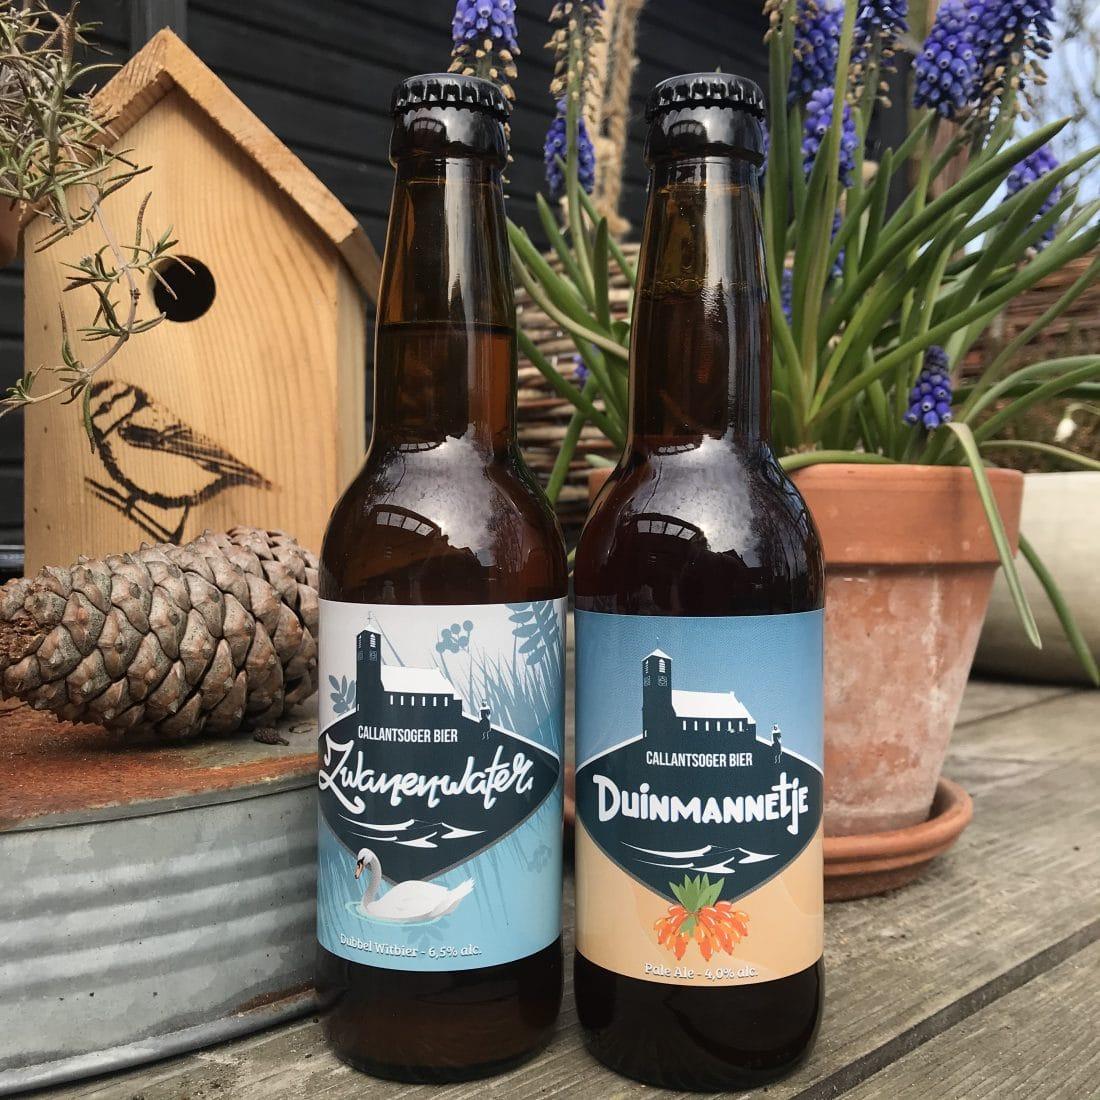 Speciaalbier Proeverij Callantsoger Bier